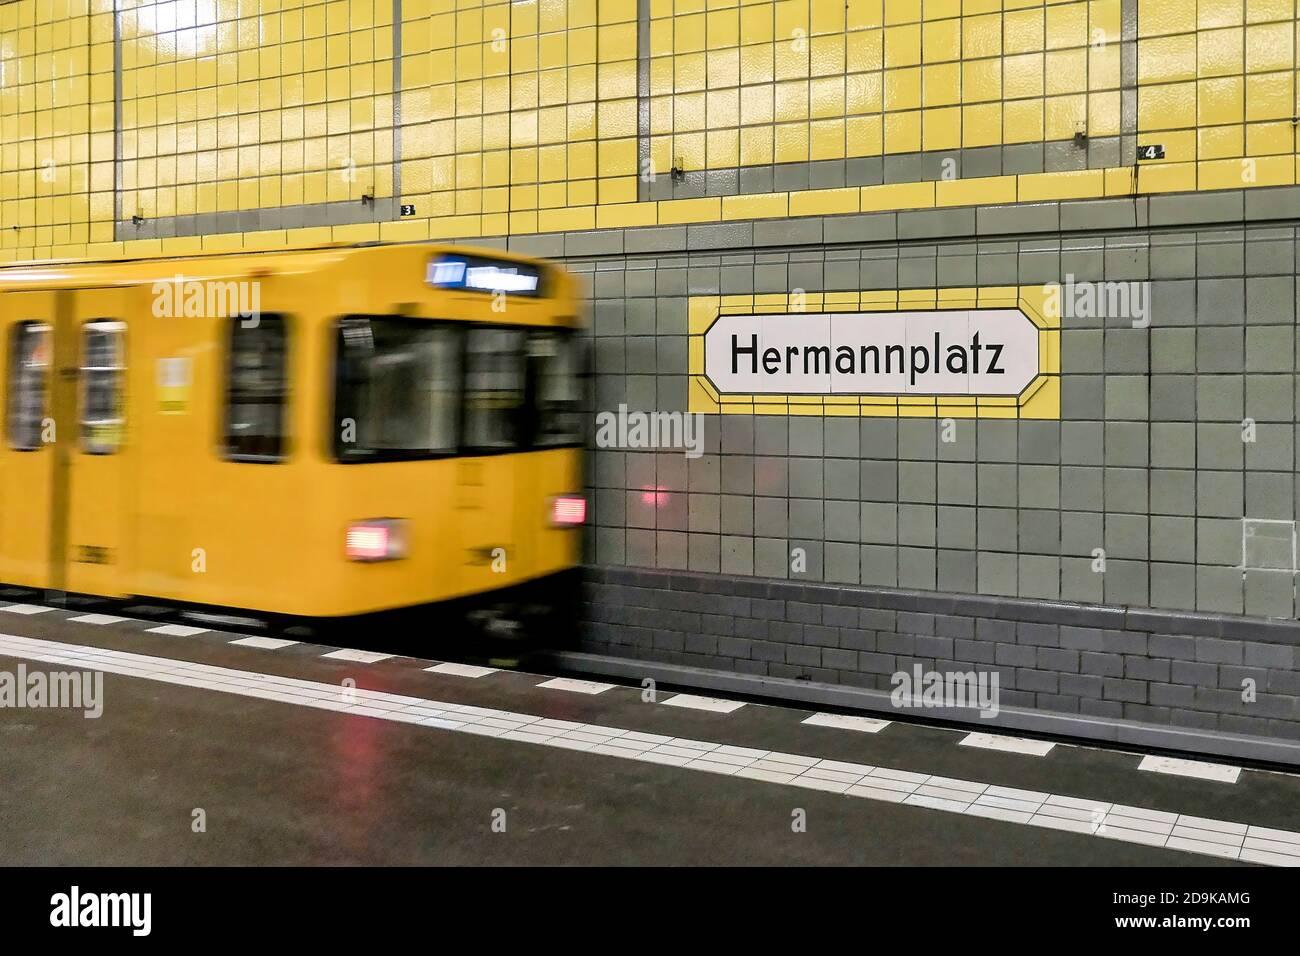 U-Bahn Station Hermannplatz, U7, Bahnsteig,  BVG, oeffentlicher Nahverkehr, Berlin Stock Photo